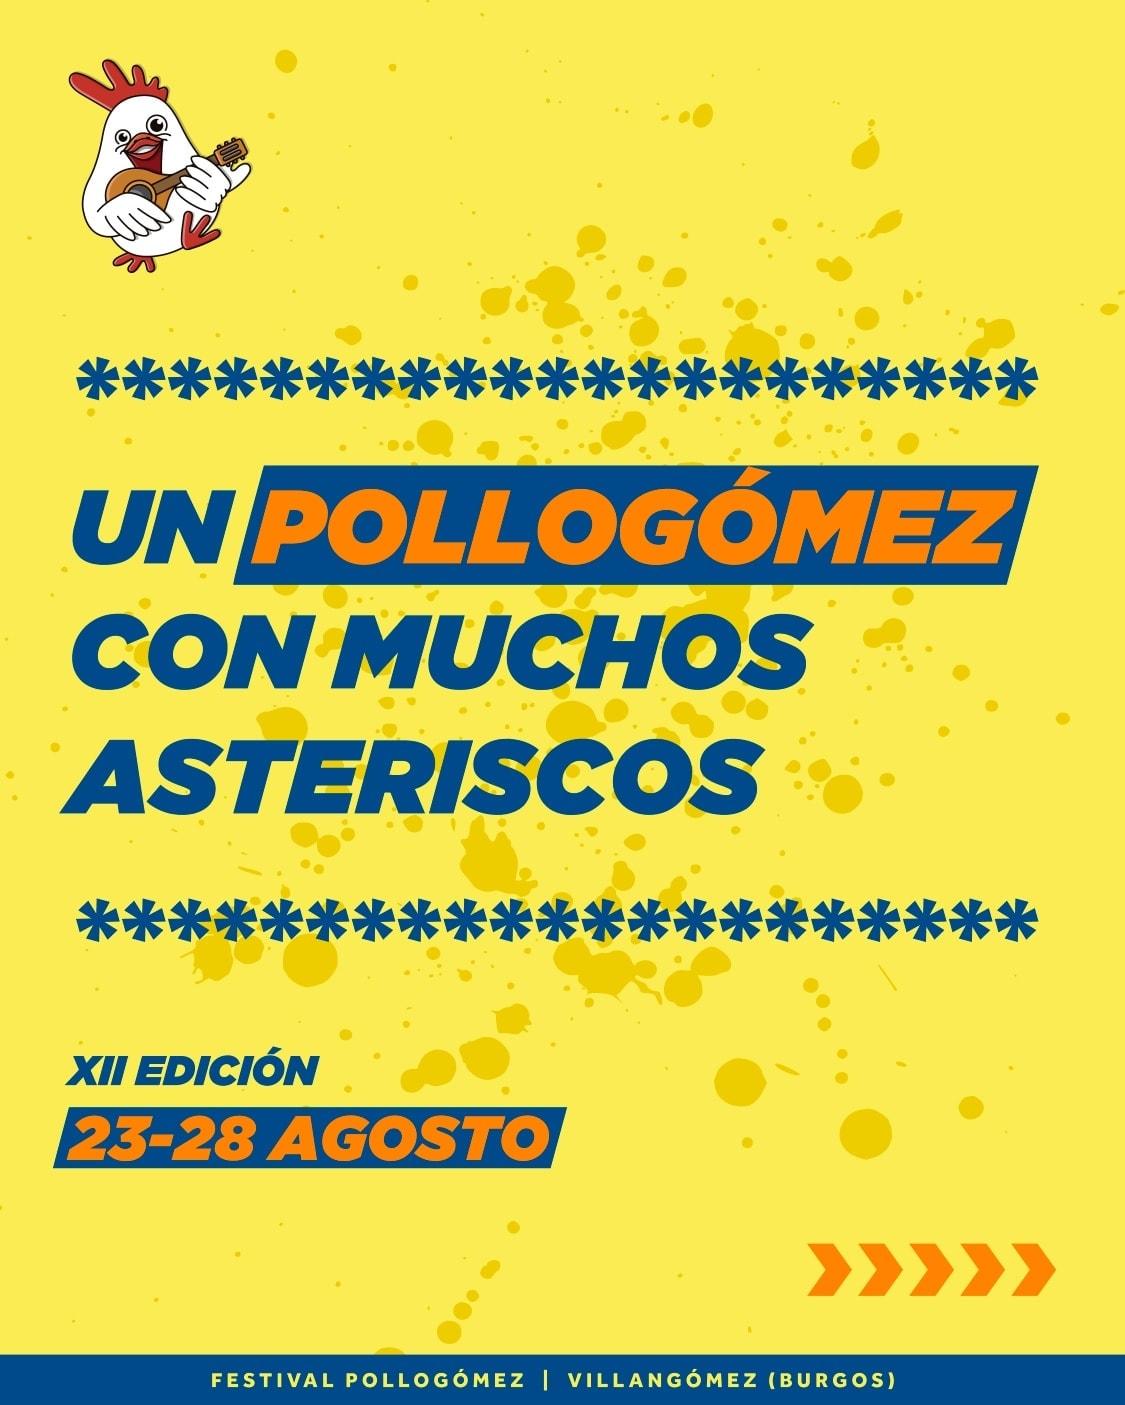 POLLOGOMEZ FOLK 2021 @ Villangomez